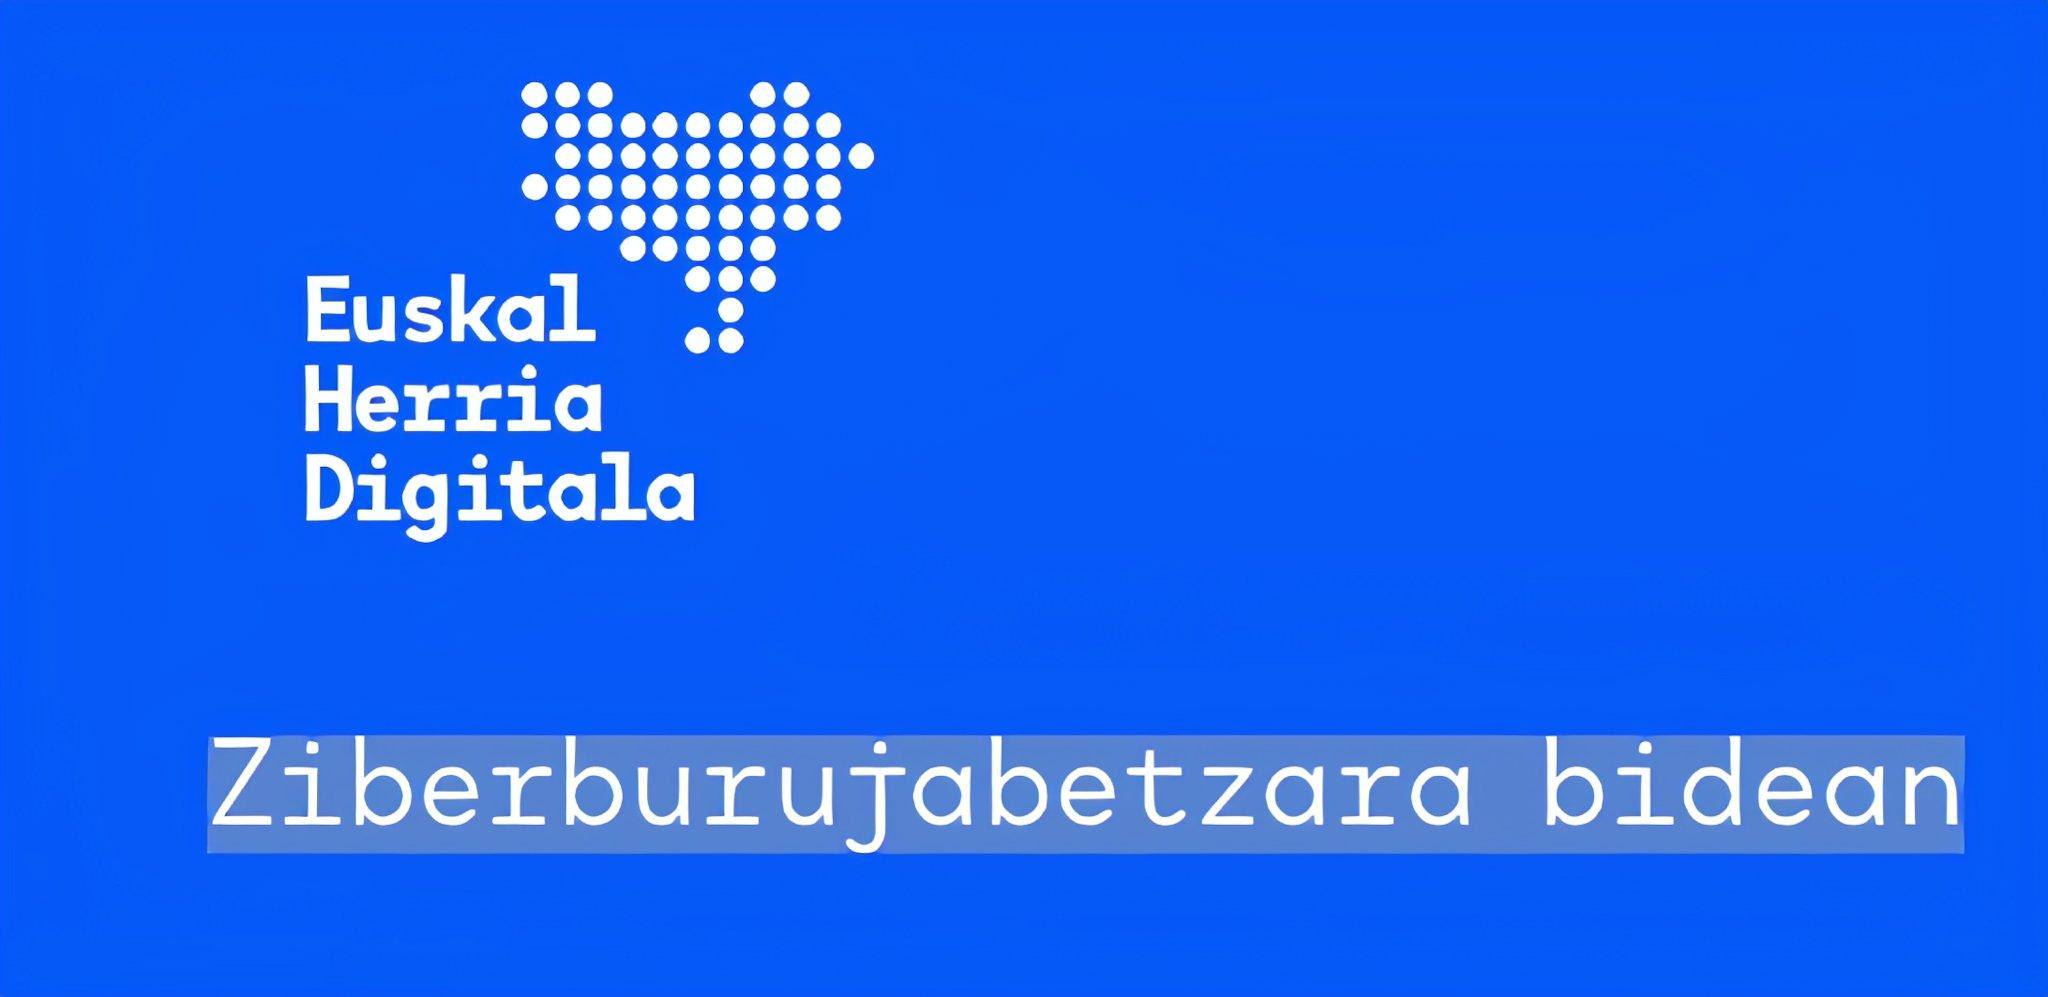 Euskal Herria Digitala